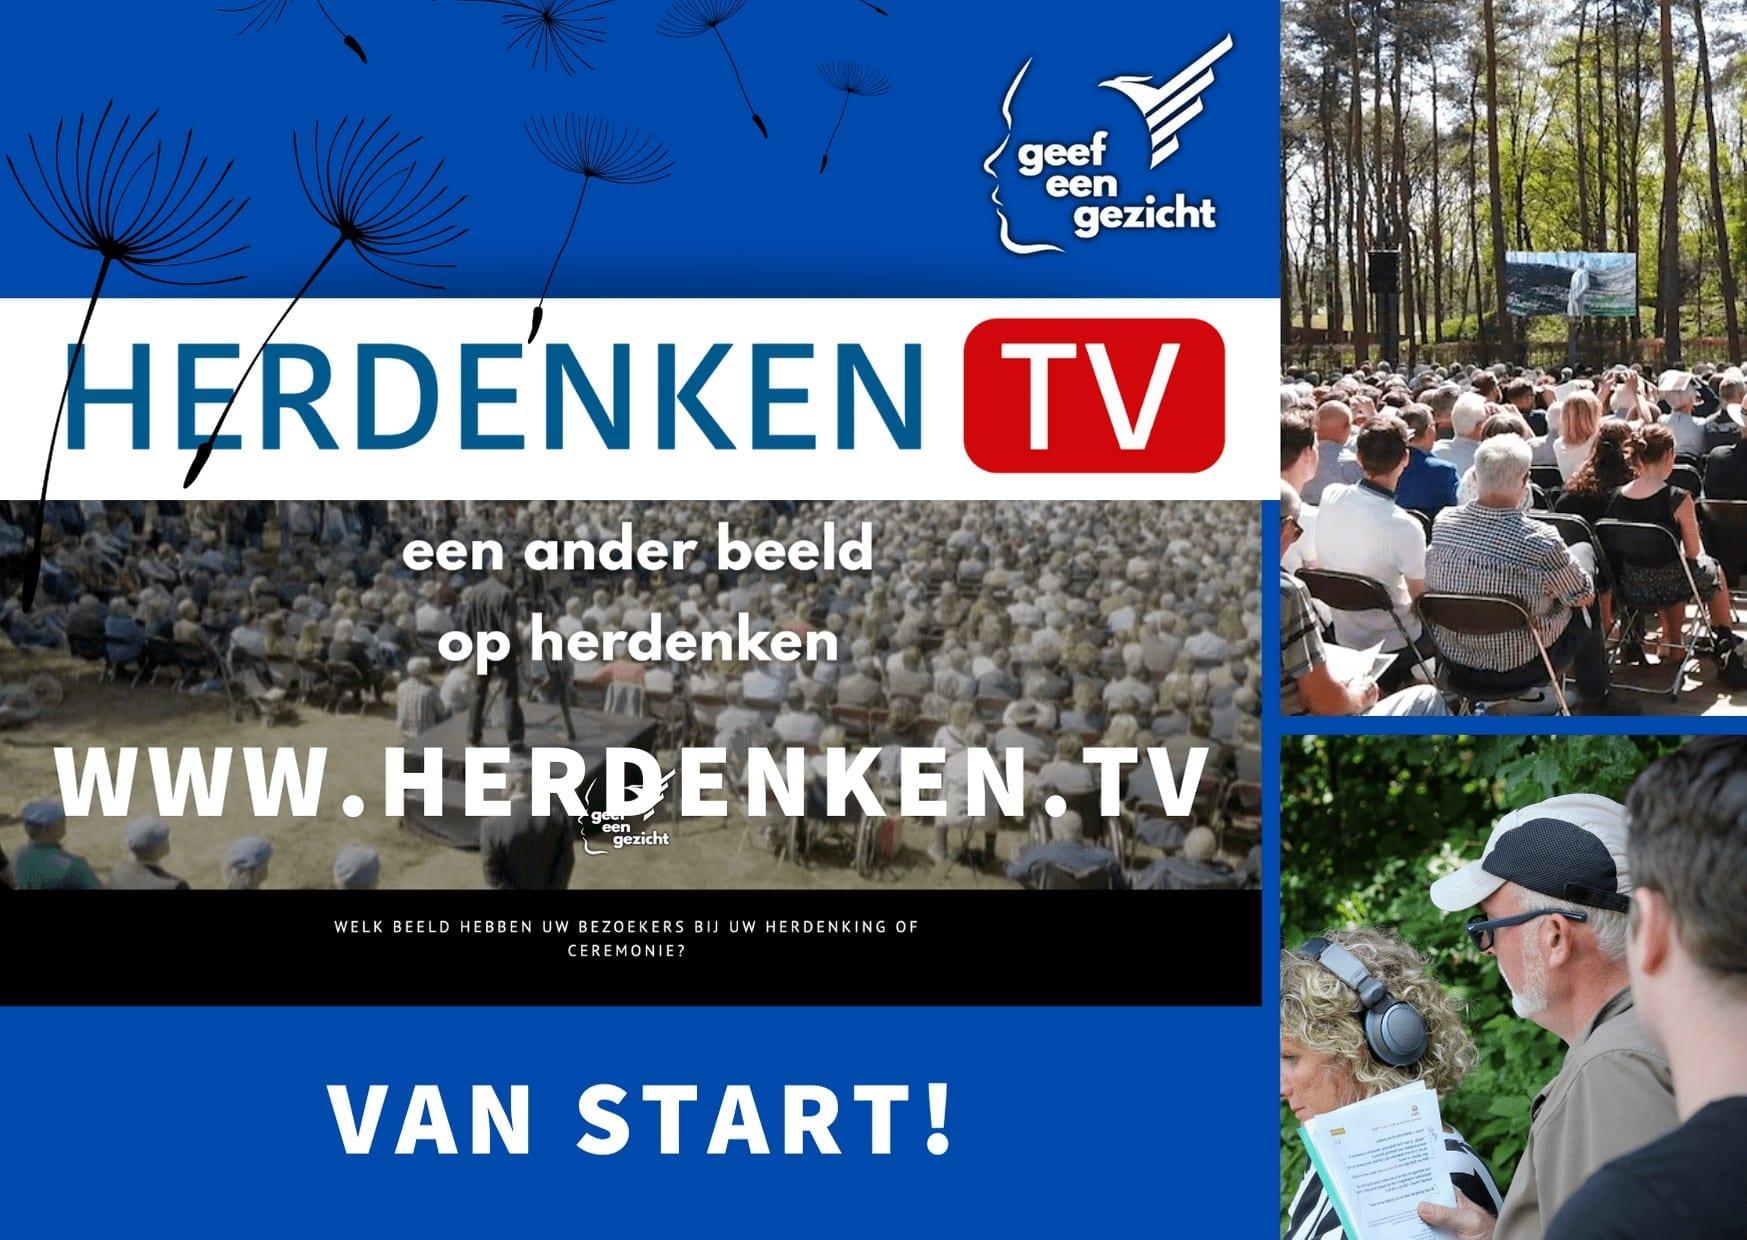 herdenken.tv van start